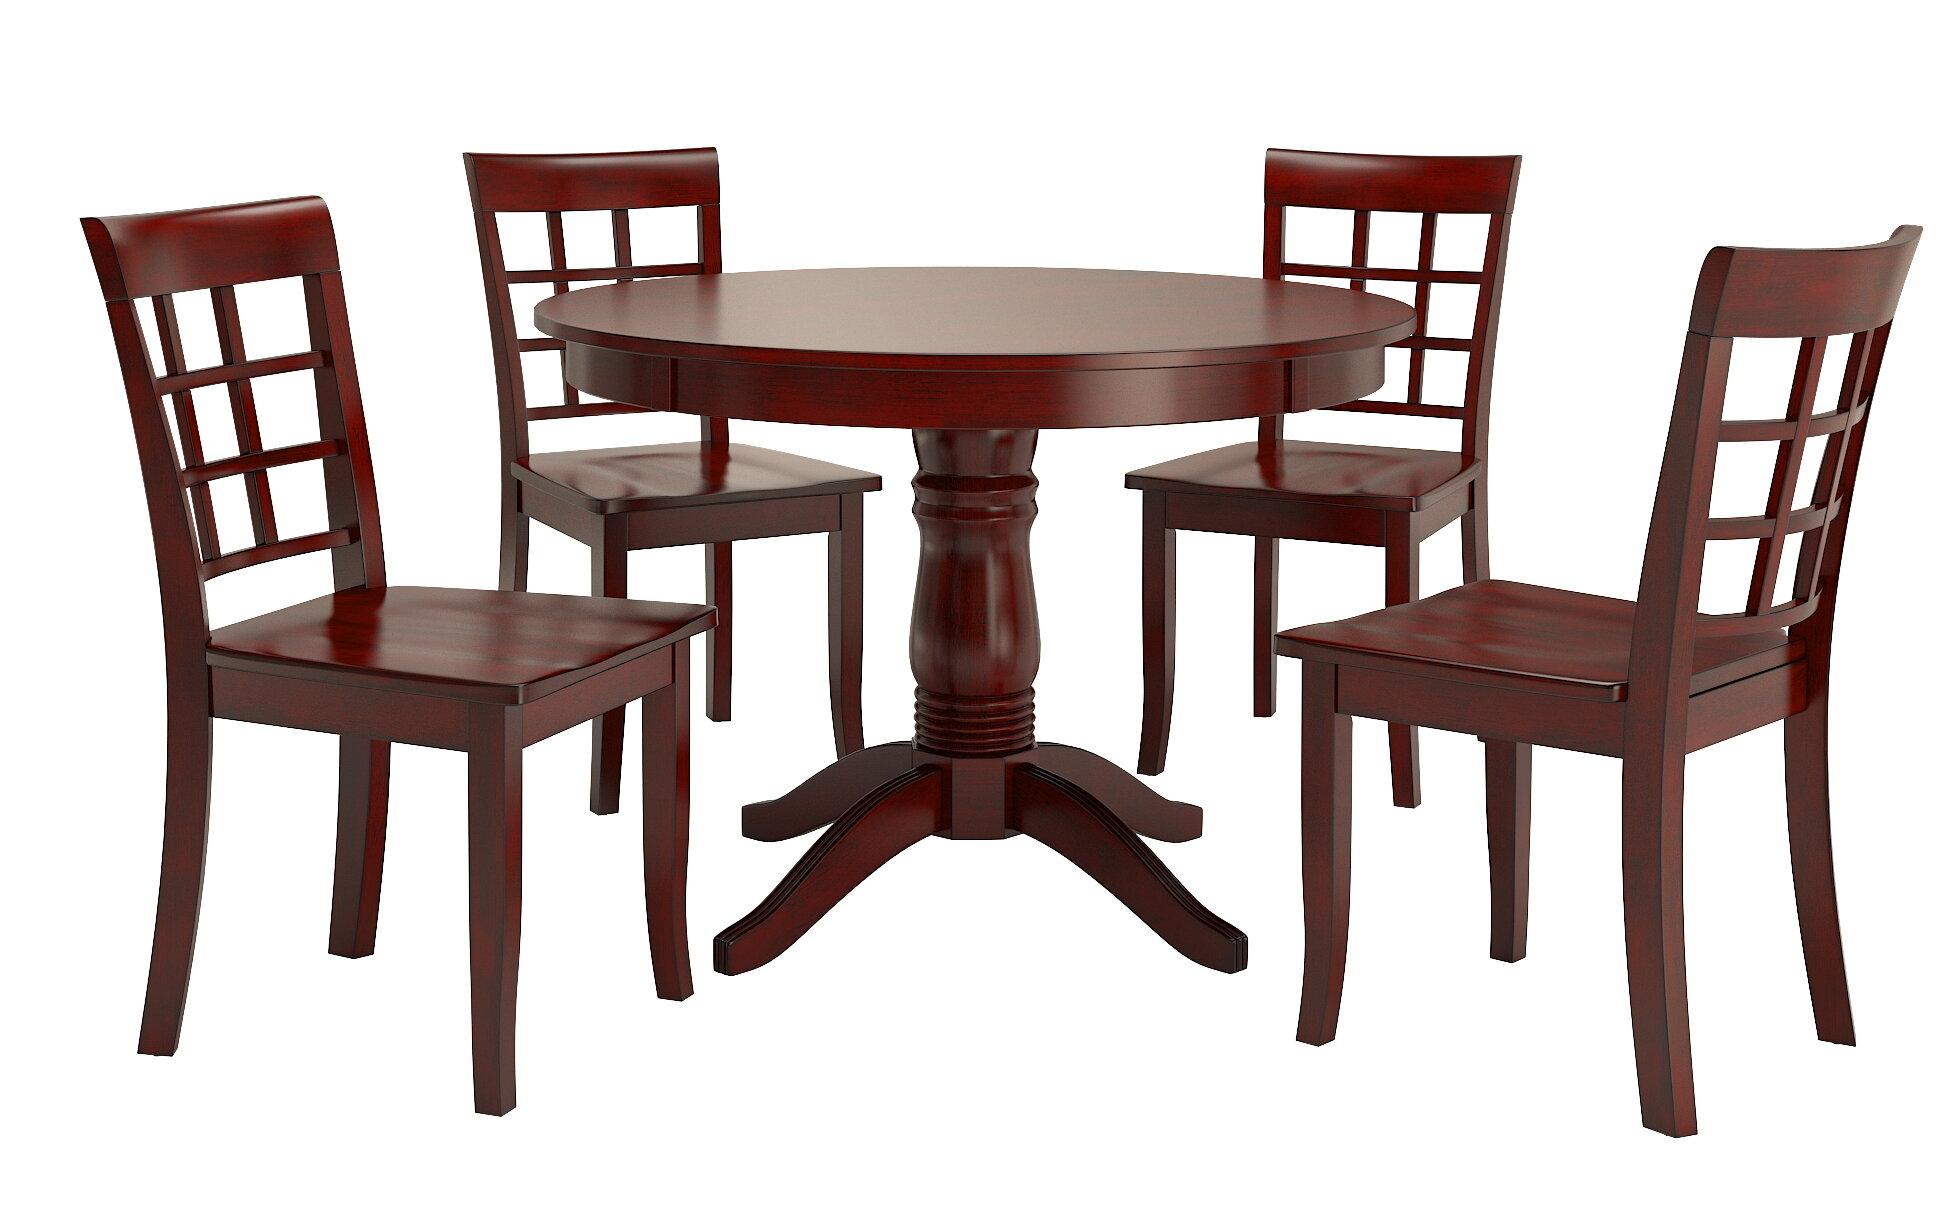 August Grove Alabama 5 Piece Dining Set Reviews Wayfair